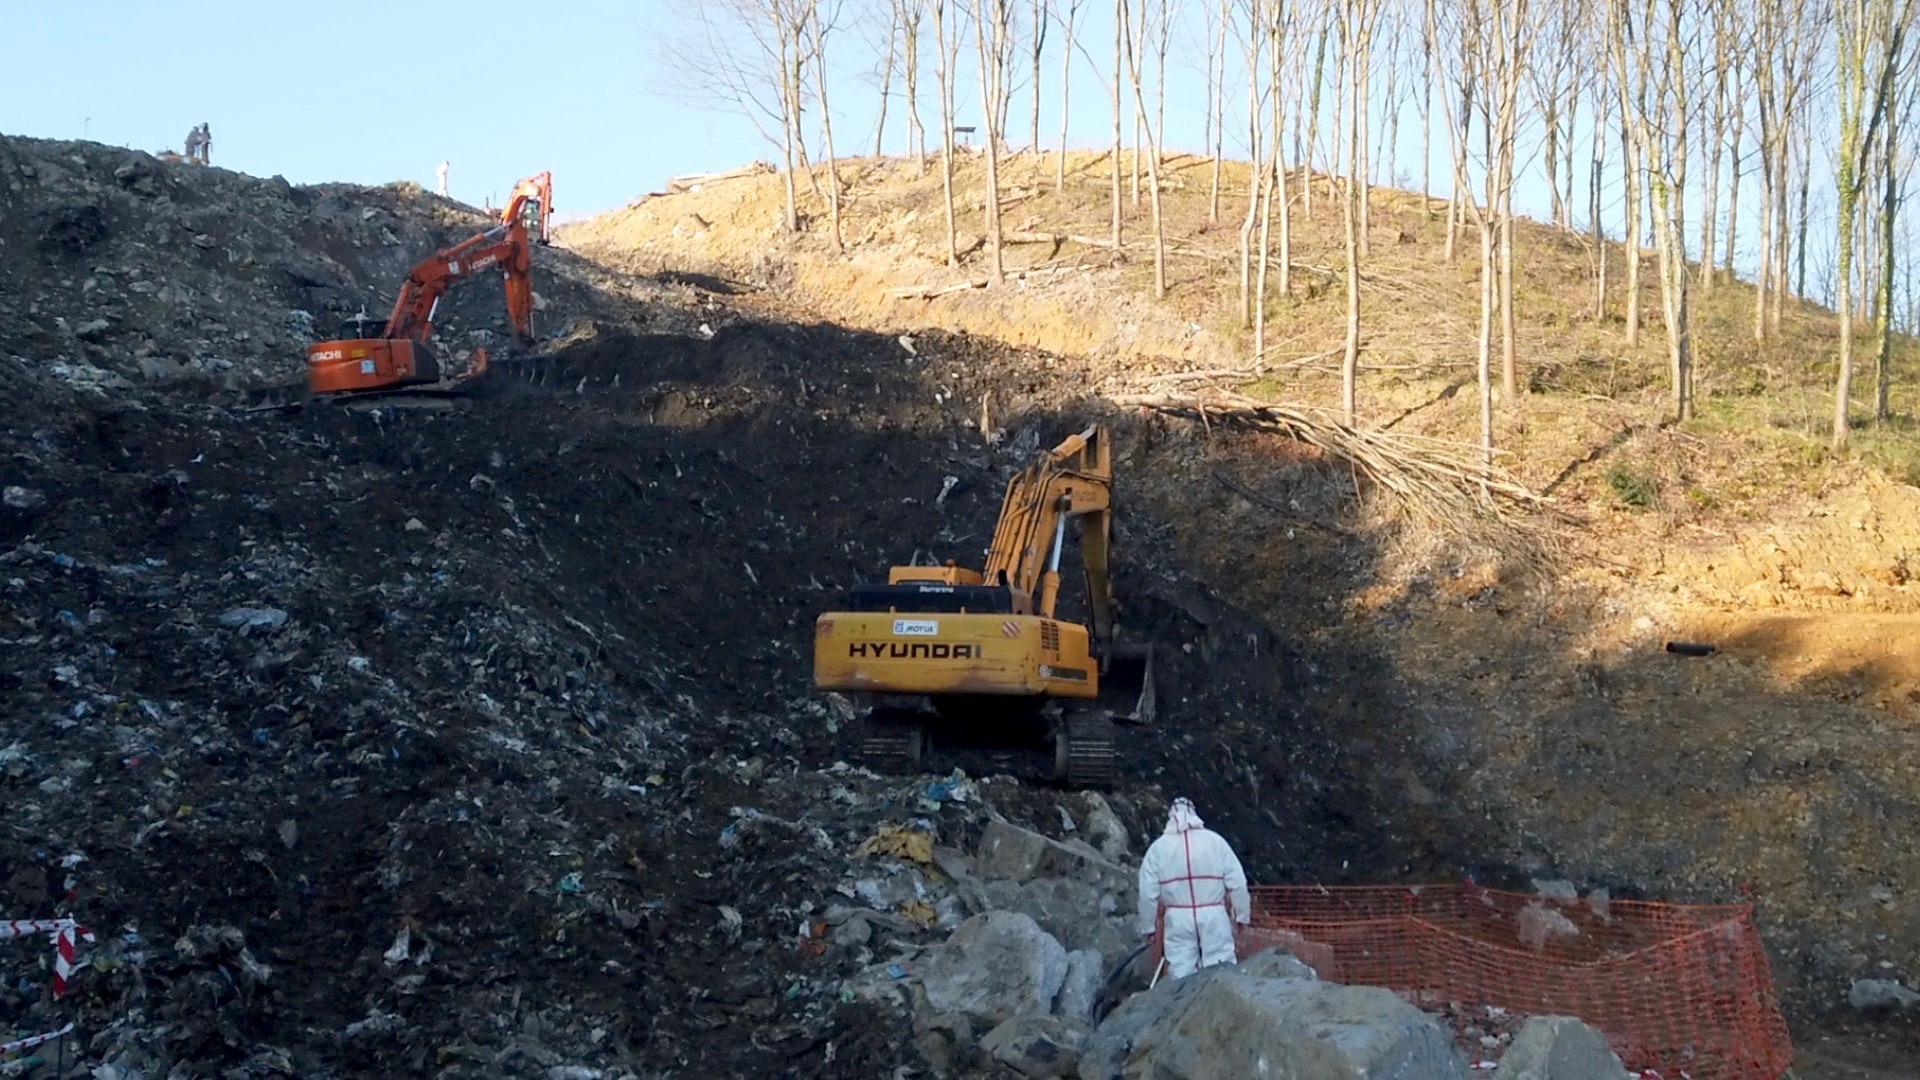 Información sobre el operativo de búsqueda de Alberto y Joaquín en el vertedero de Zaldibar (Verter Recycling 2002